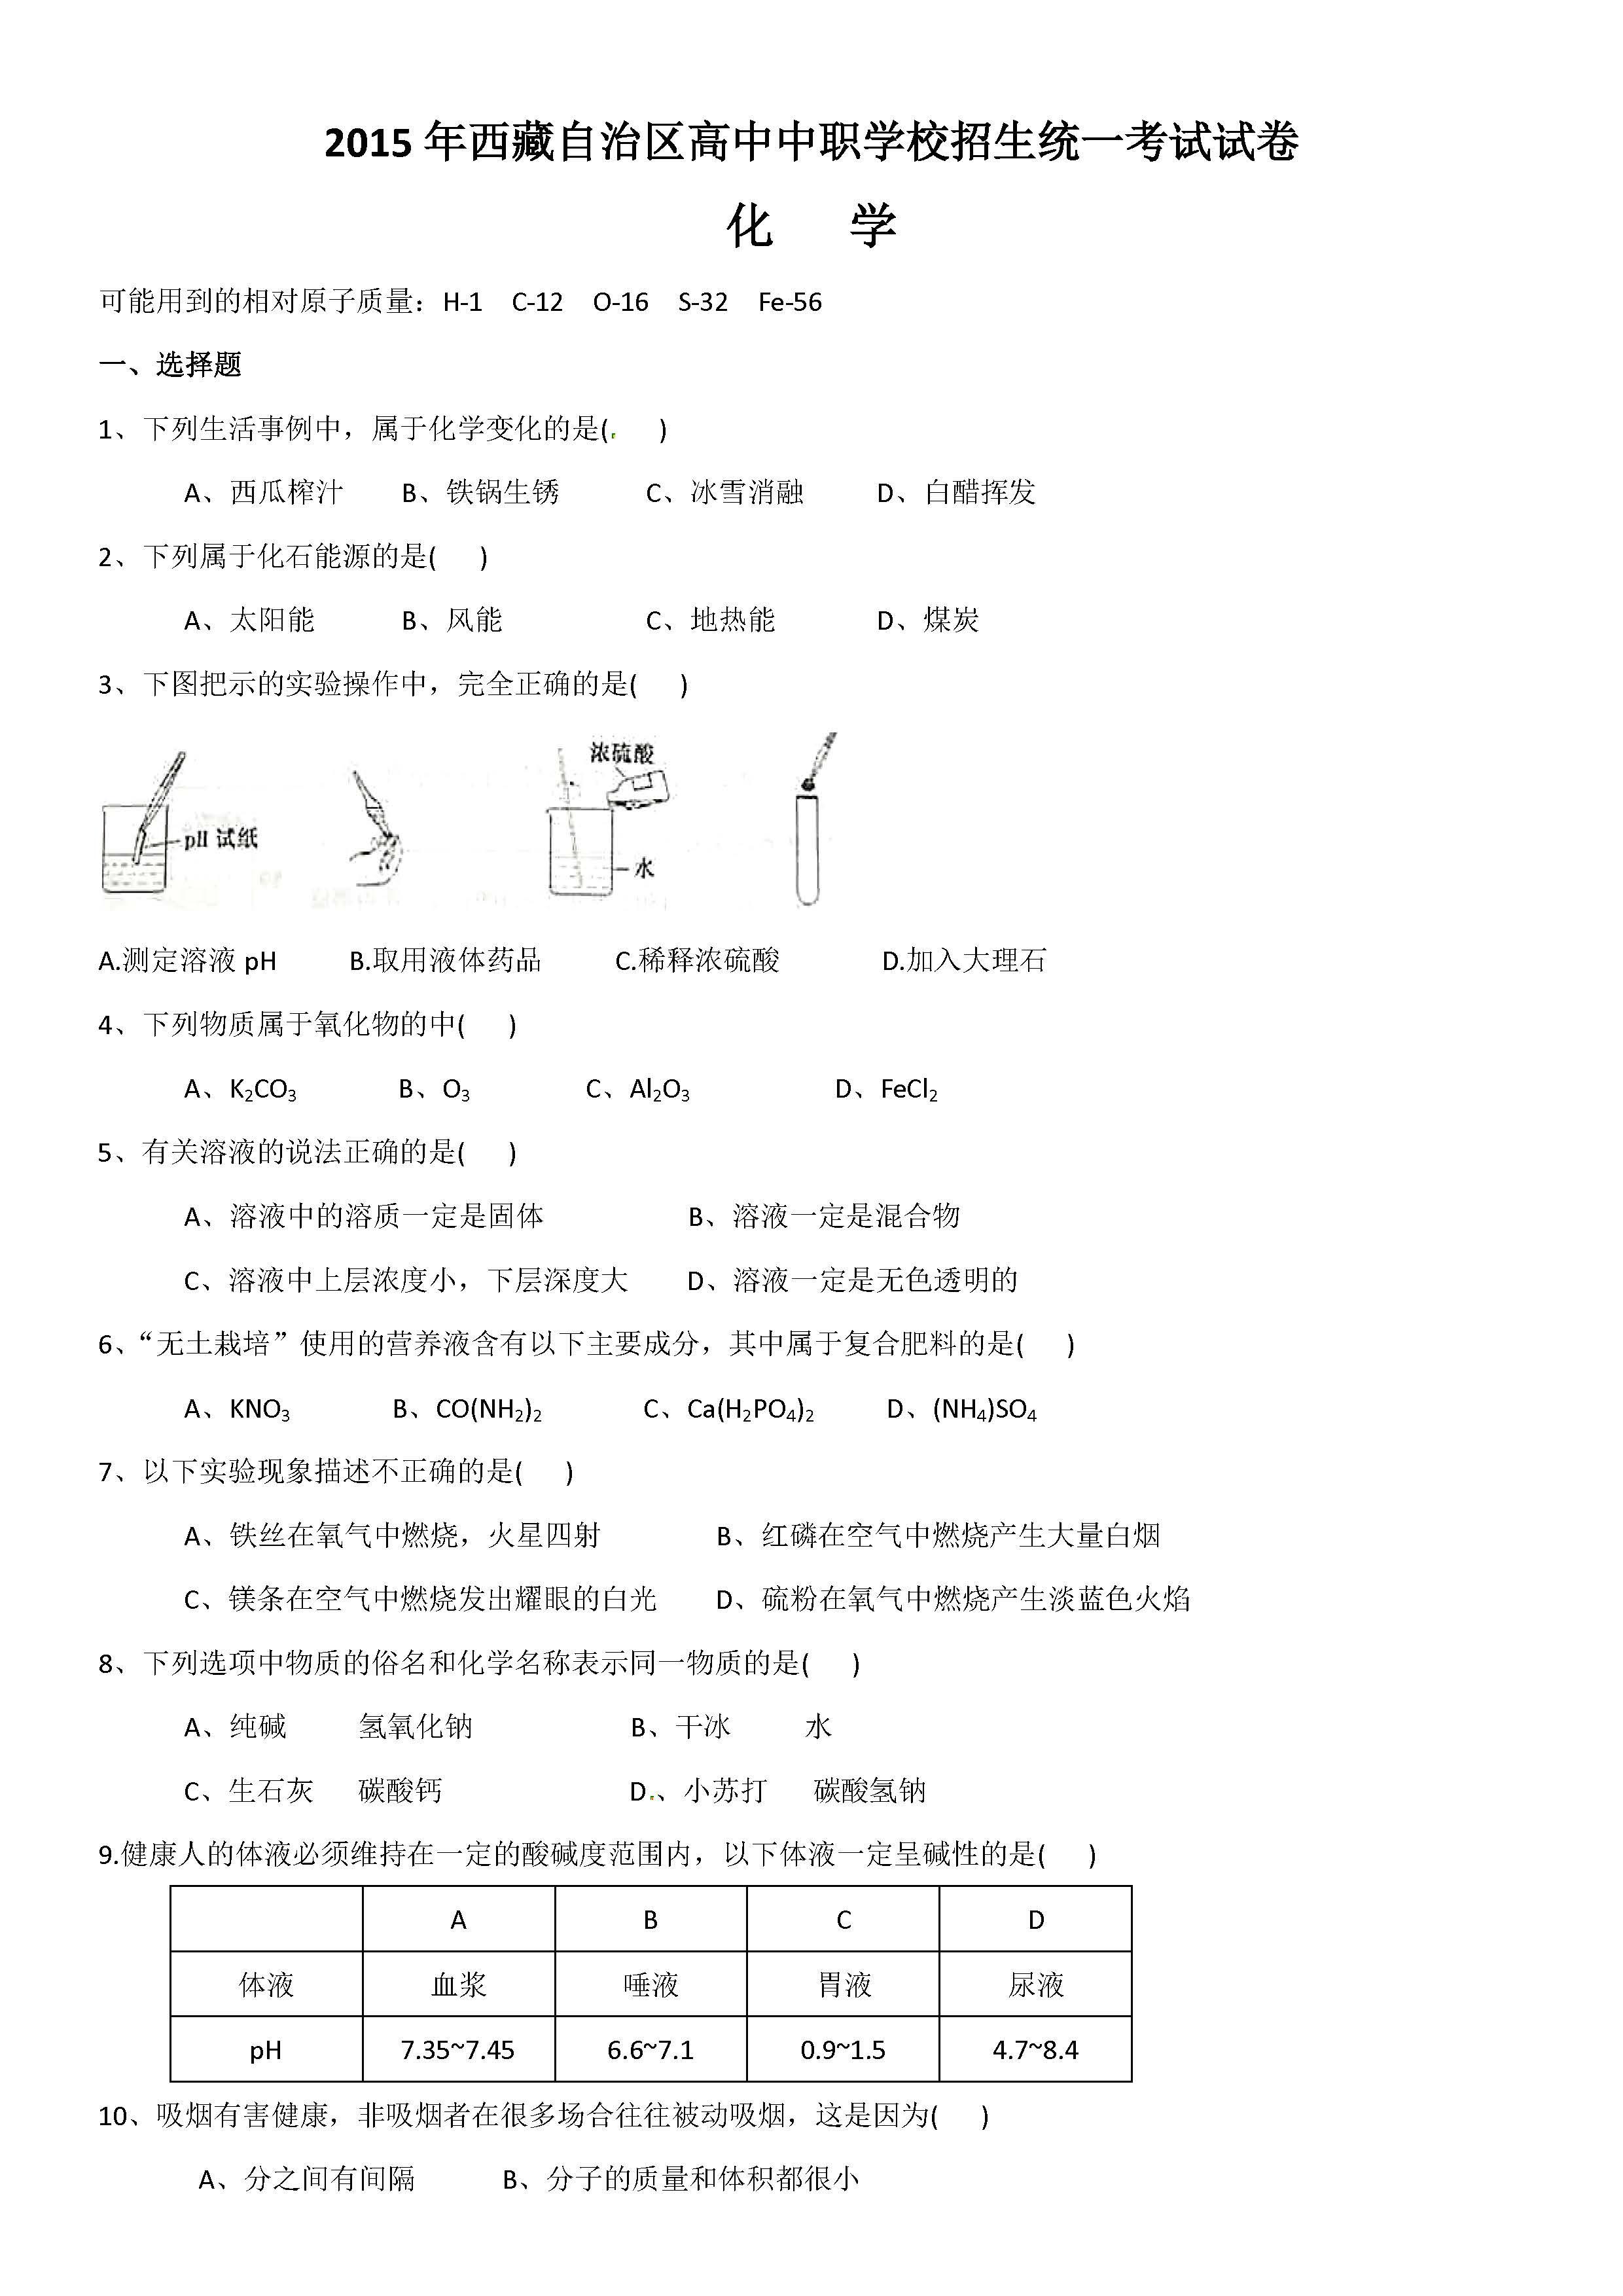 2015西藏中考化学试题及答案(图片版)